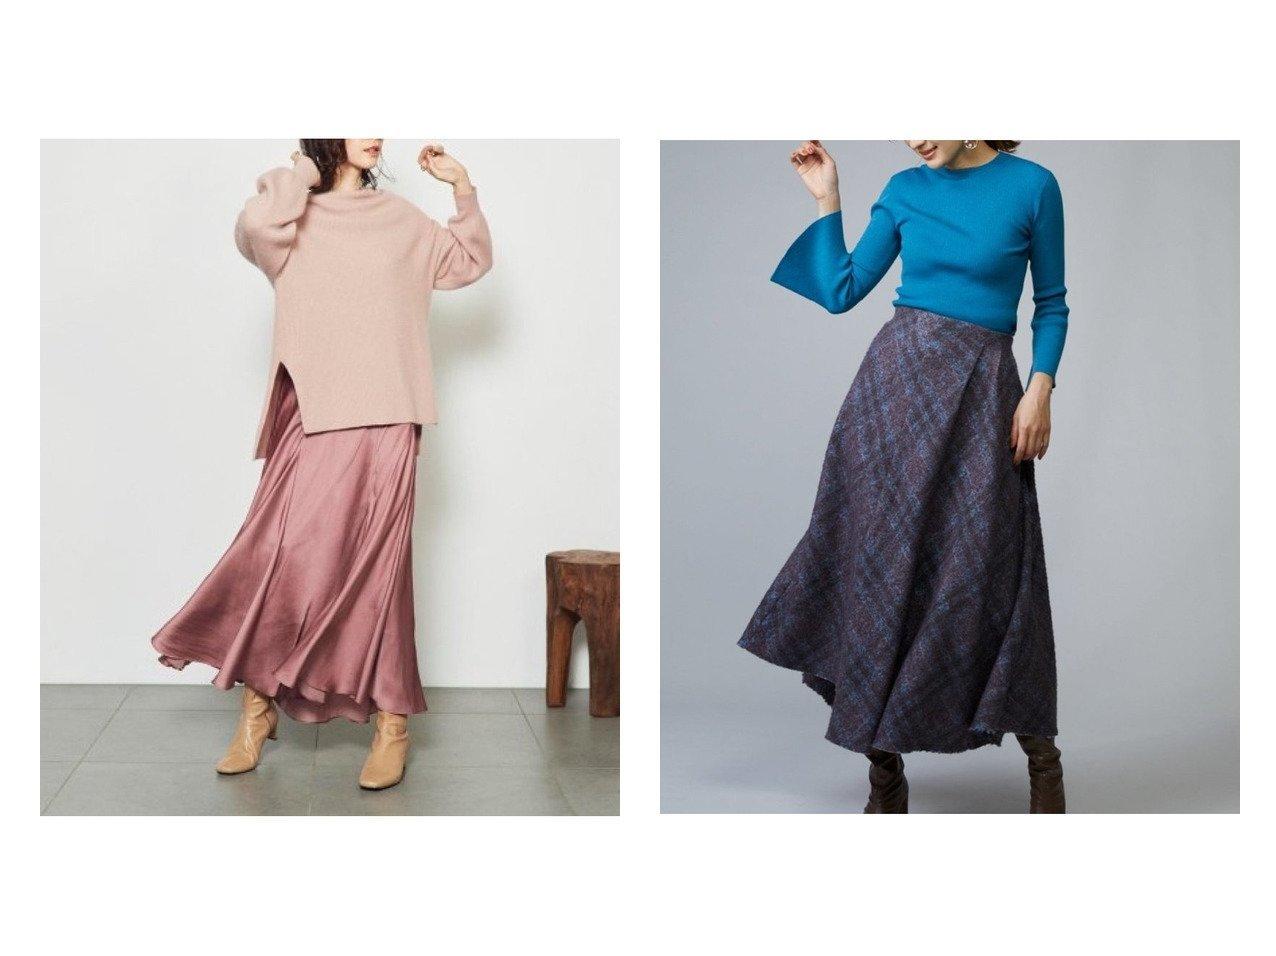 【SNIDEL/スナイデル】のアシメントリーデザインスカート&ニットスカートセットアップ スカートのおすすめ!人気、トレンド・レディースファッションの通販  おすすめで人気の流行・トレンド、ファッションの通販商品 メンズファッション・キッズファッション・インテリア・家具・レディースファッション・服の通販 founy(ファニー) https://founy.com/ ファッション Fashion レディースファッション WOMEN セットアップ Setup スカート Skirt スカート Skirt ミニスカート Mini Skirts イエロー インナー エレガント カットソー 11月号 スリット セットアップ バランス フレア ロング アシンメトリー オレンジ 9月号 チェック ミニスカート A/W 秋冬 AW Autumn/Winter / FW Fall-Winter |ID:crp329100000009720